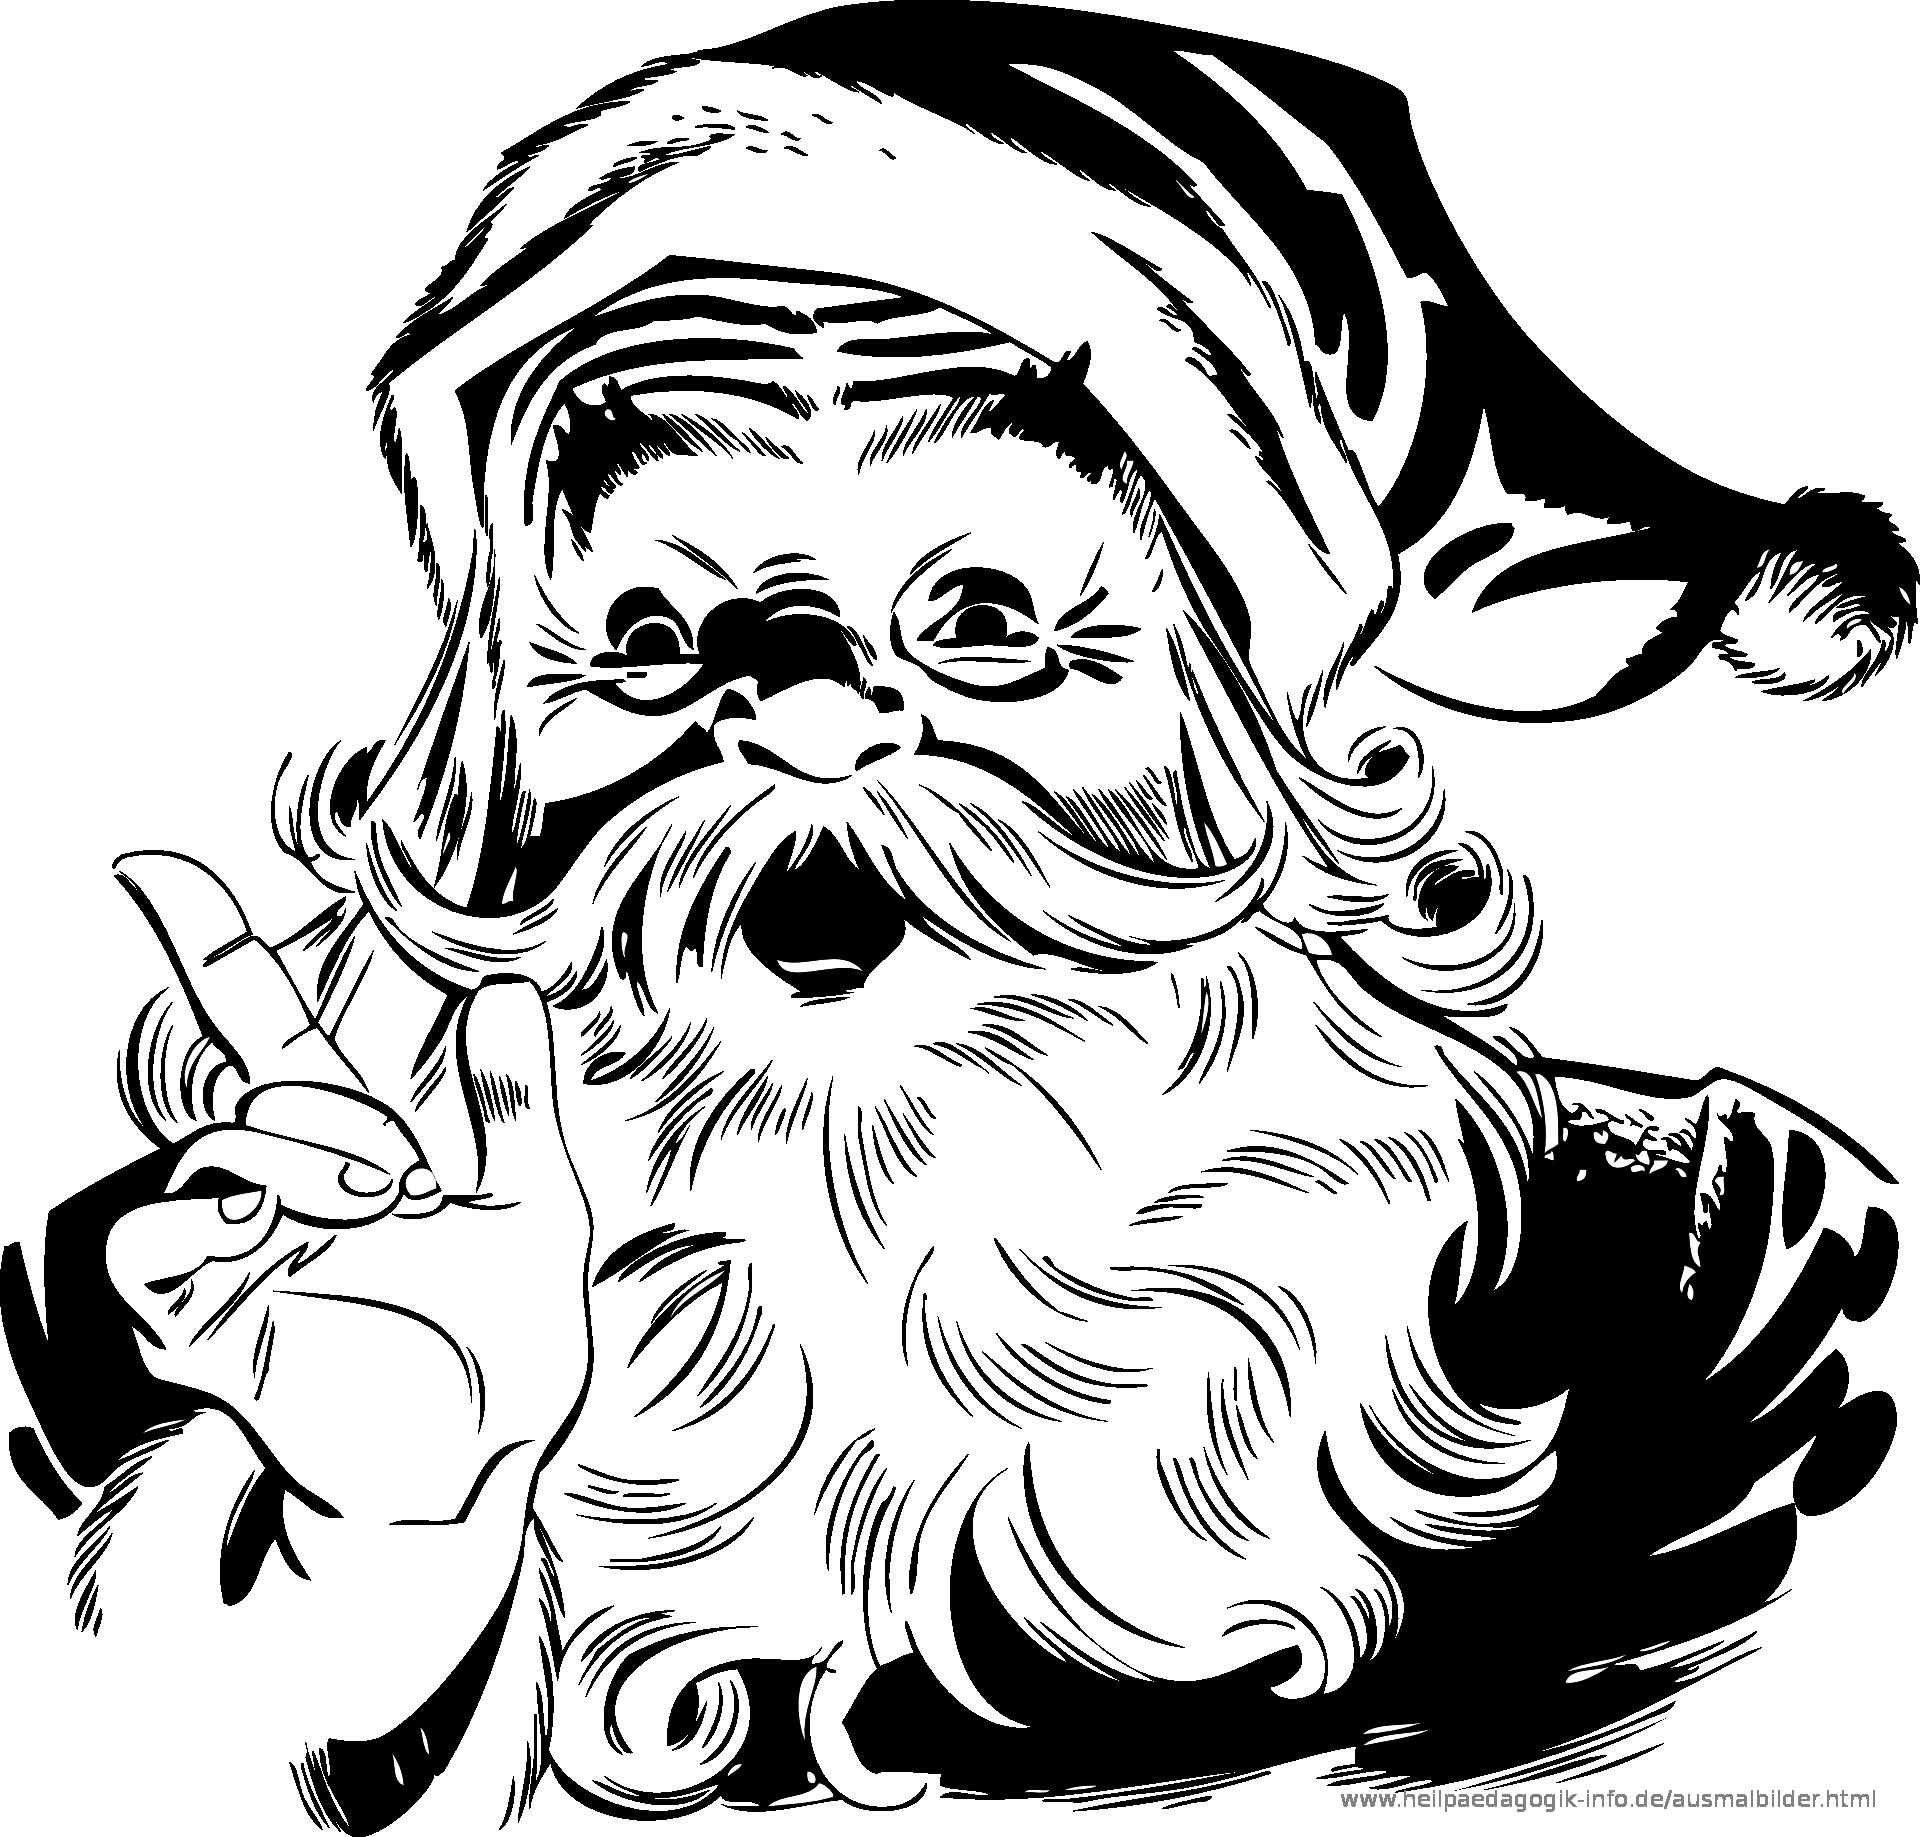 Ausmalbilder Nikolaus Einzigartig Ausmalbilder Weihnachten Stock